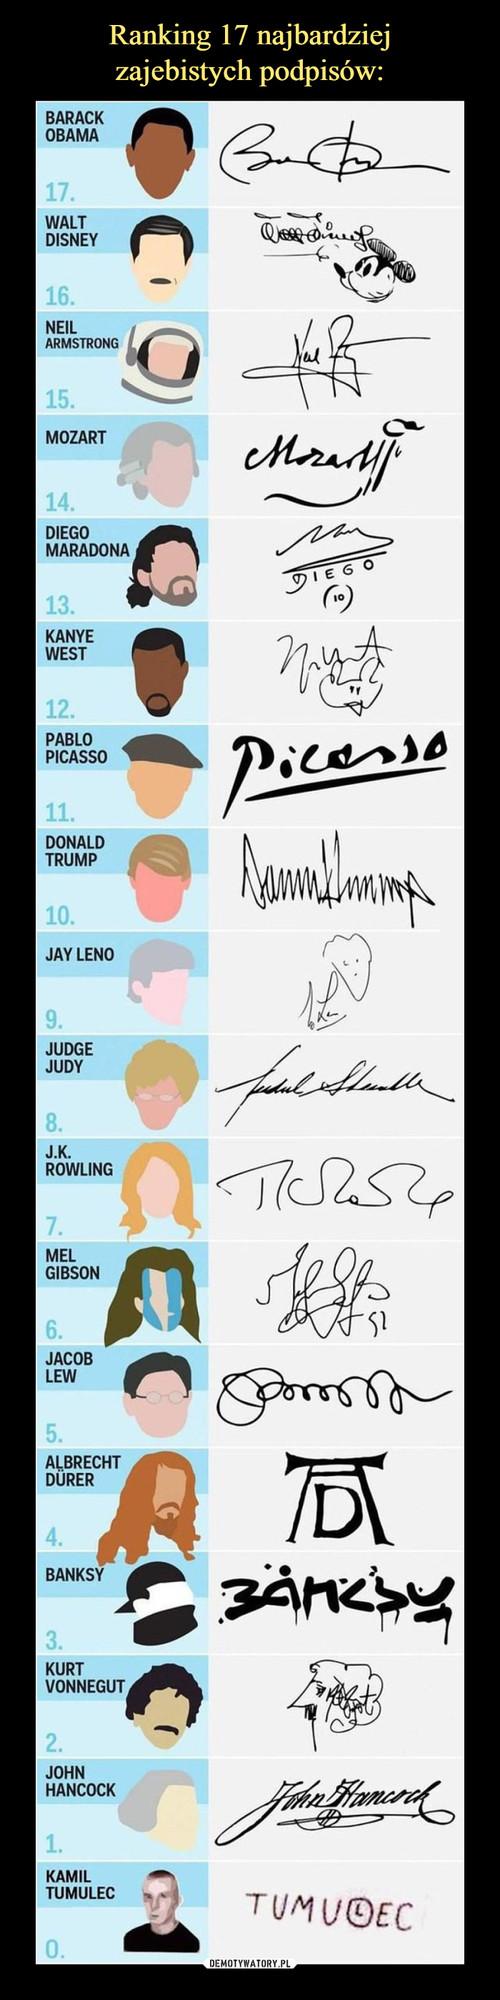 Ranking 17 najbardziej zajebistych podpisów: